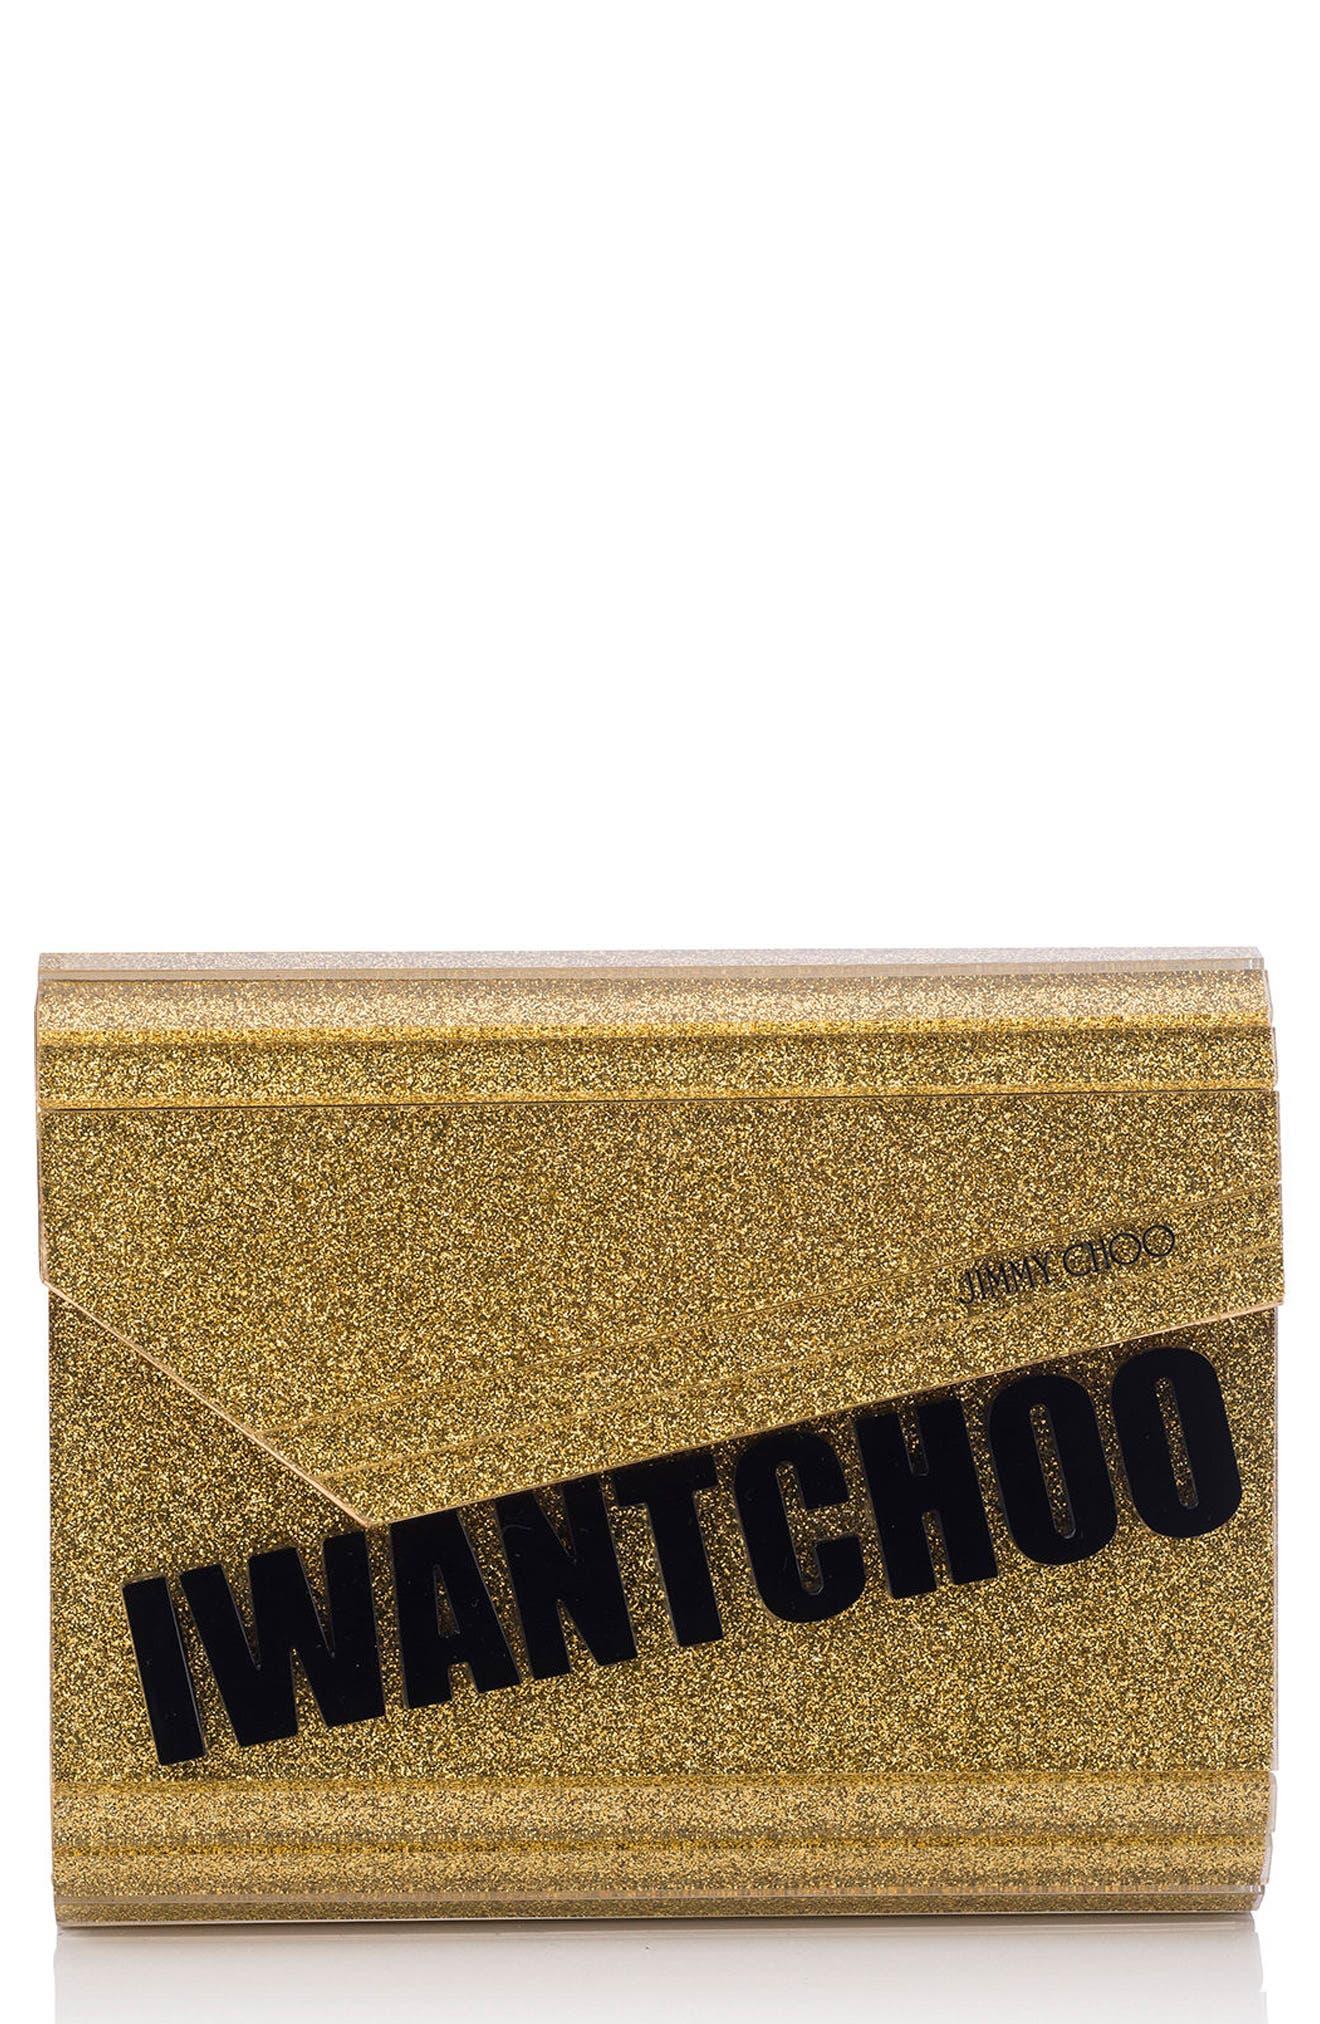 Alternate Image 1 Selected - Jimmy Choo Candy I Want Choo Glitter Clutch